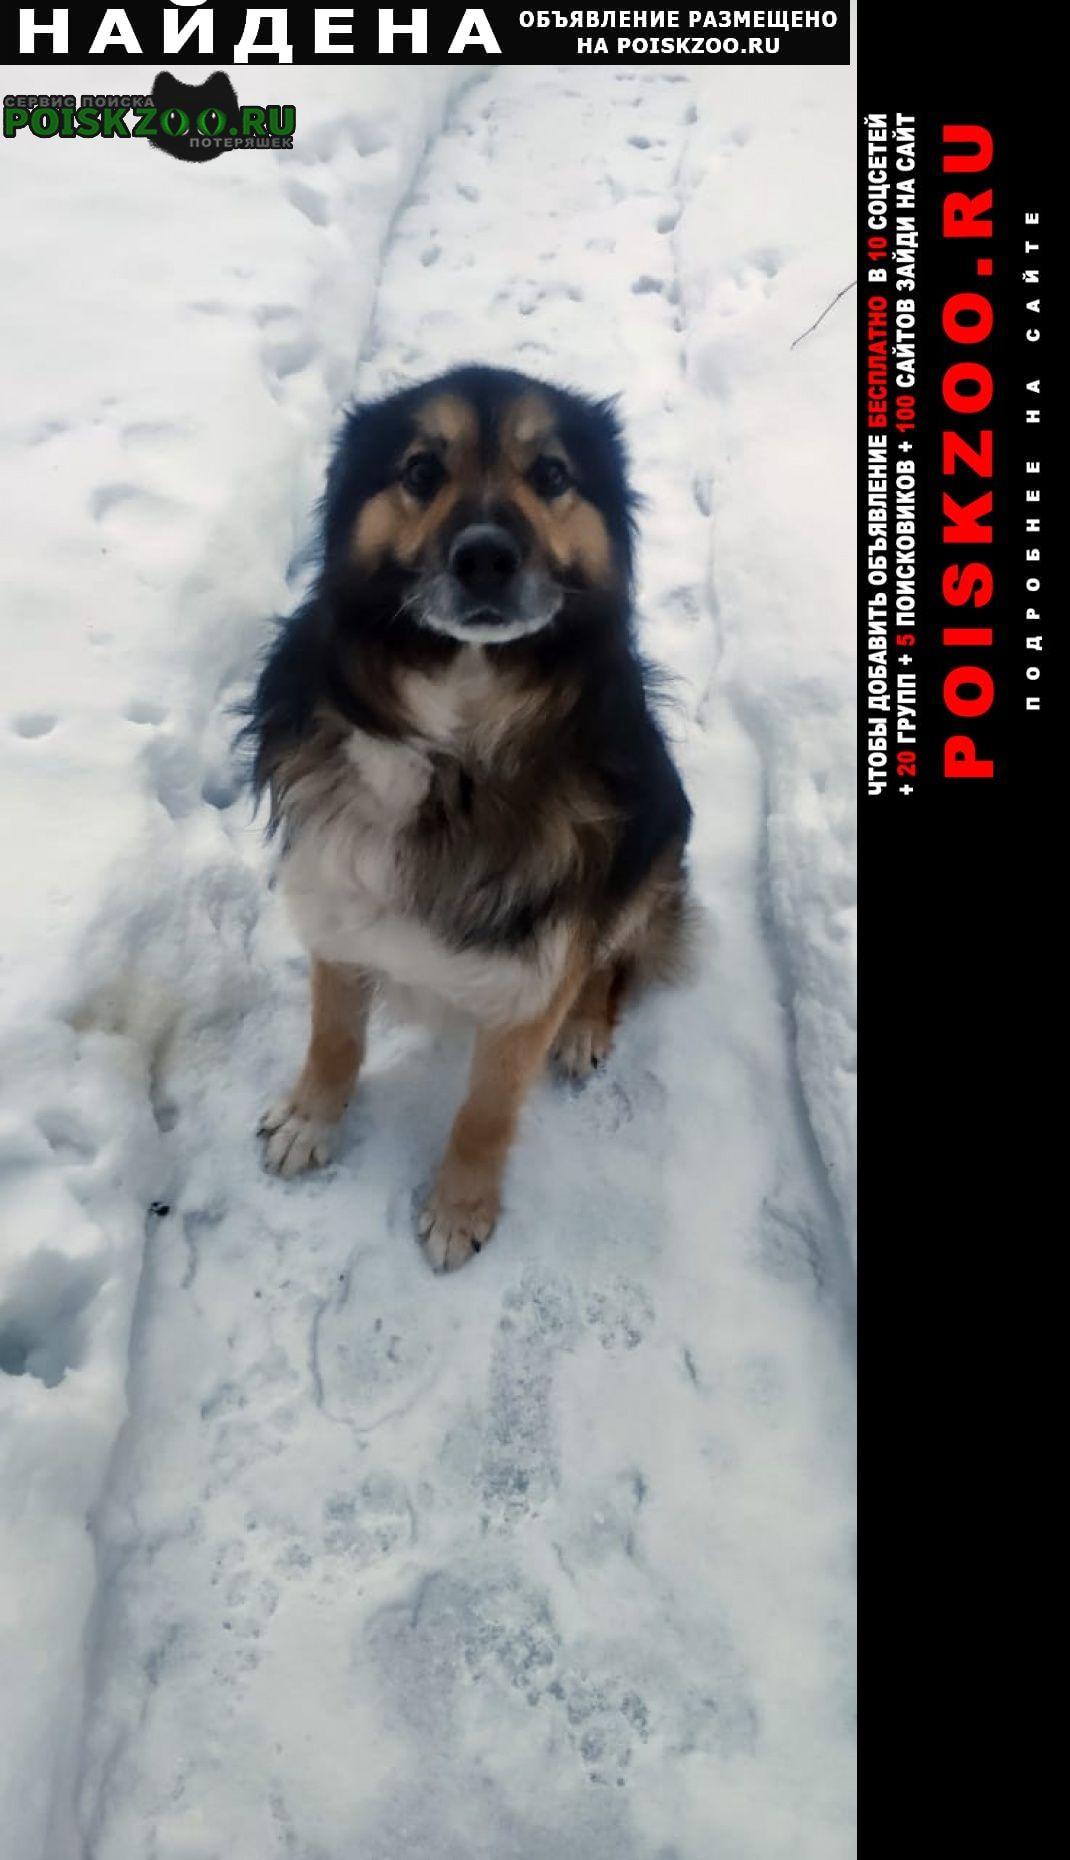 Найдена собака кобель метис Дмитров